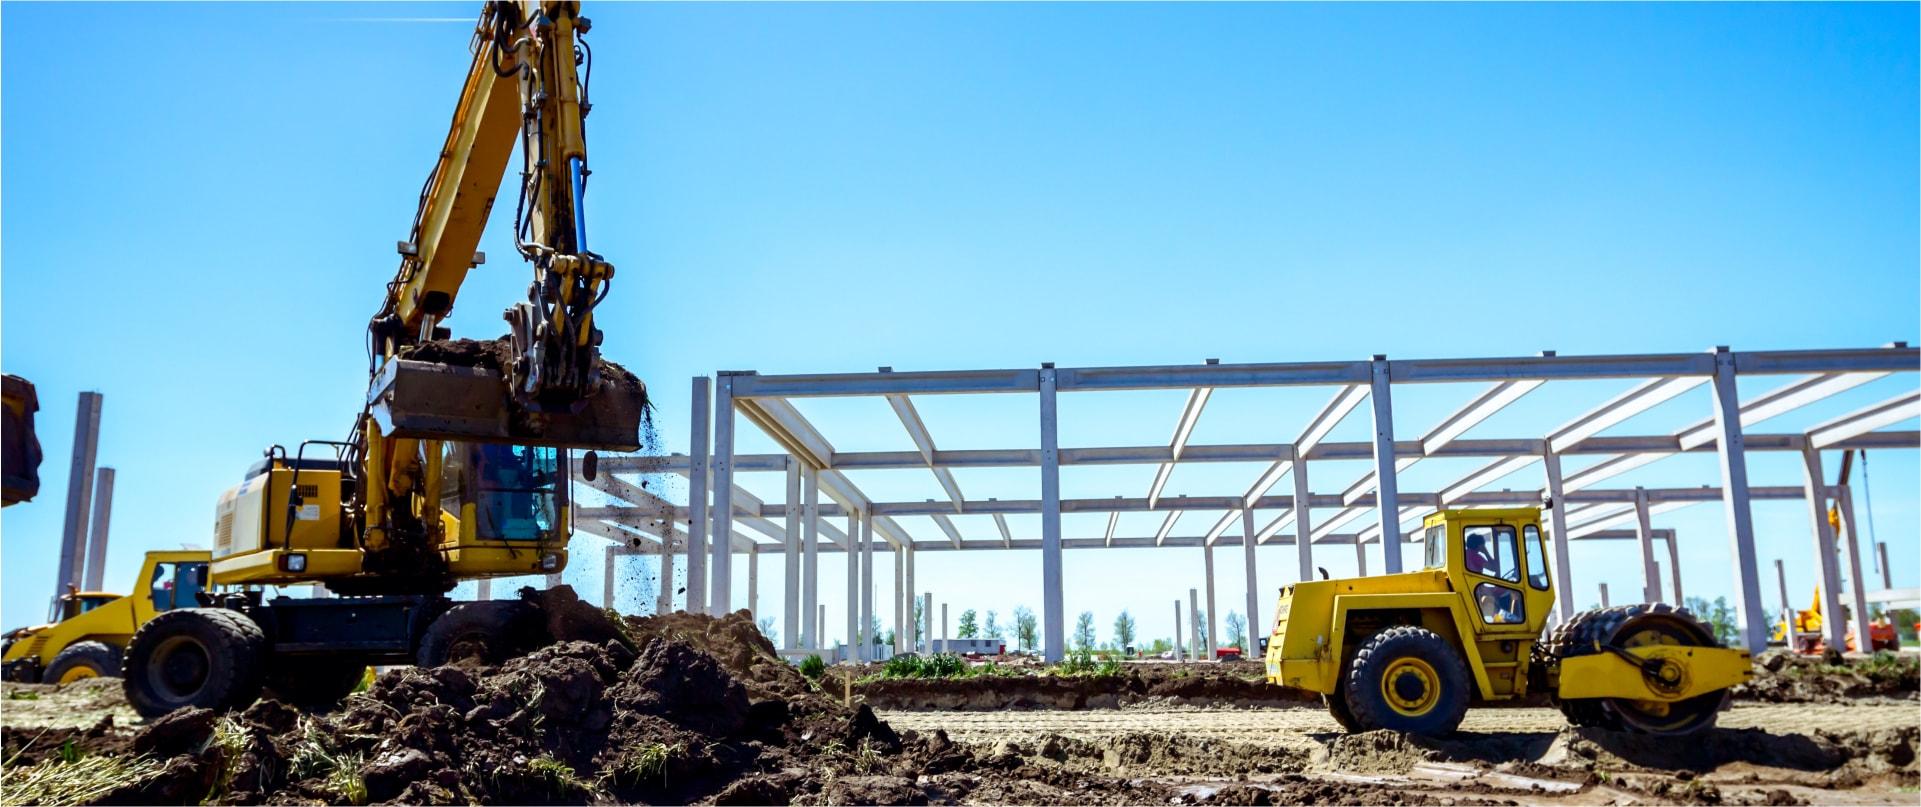 Budowa hal Opolskie Firma budowlana wynajem sprzętu Opole